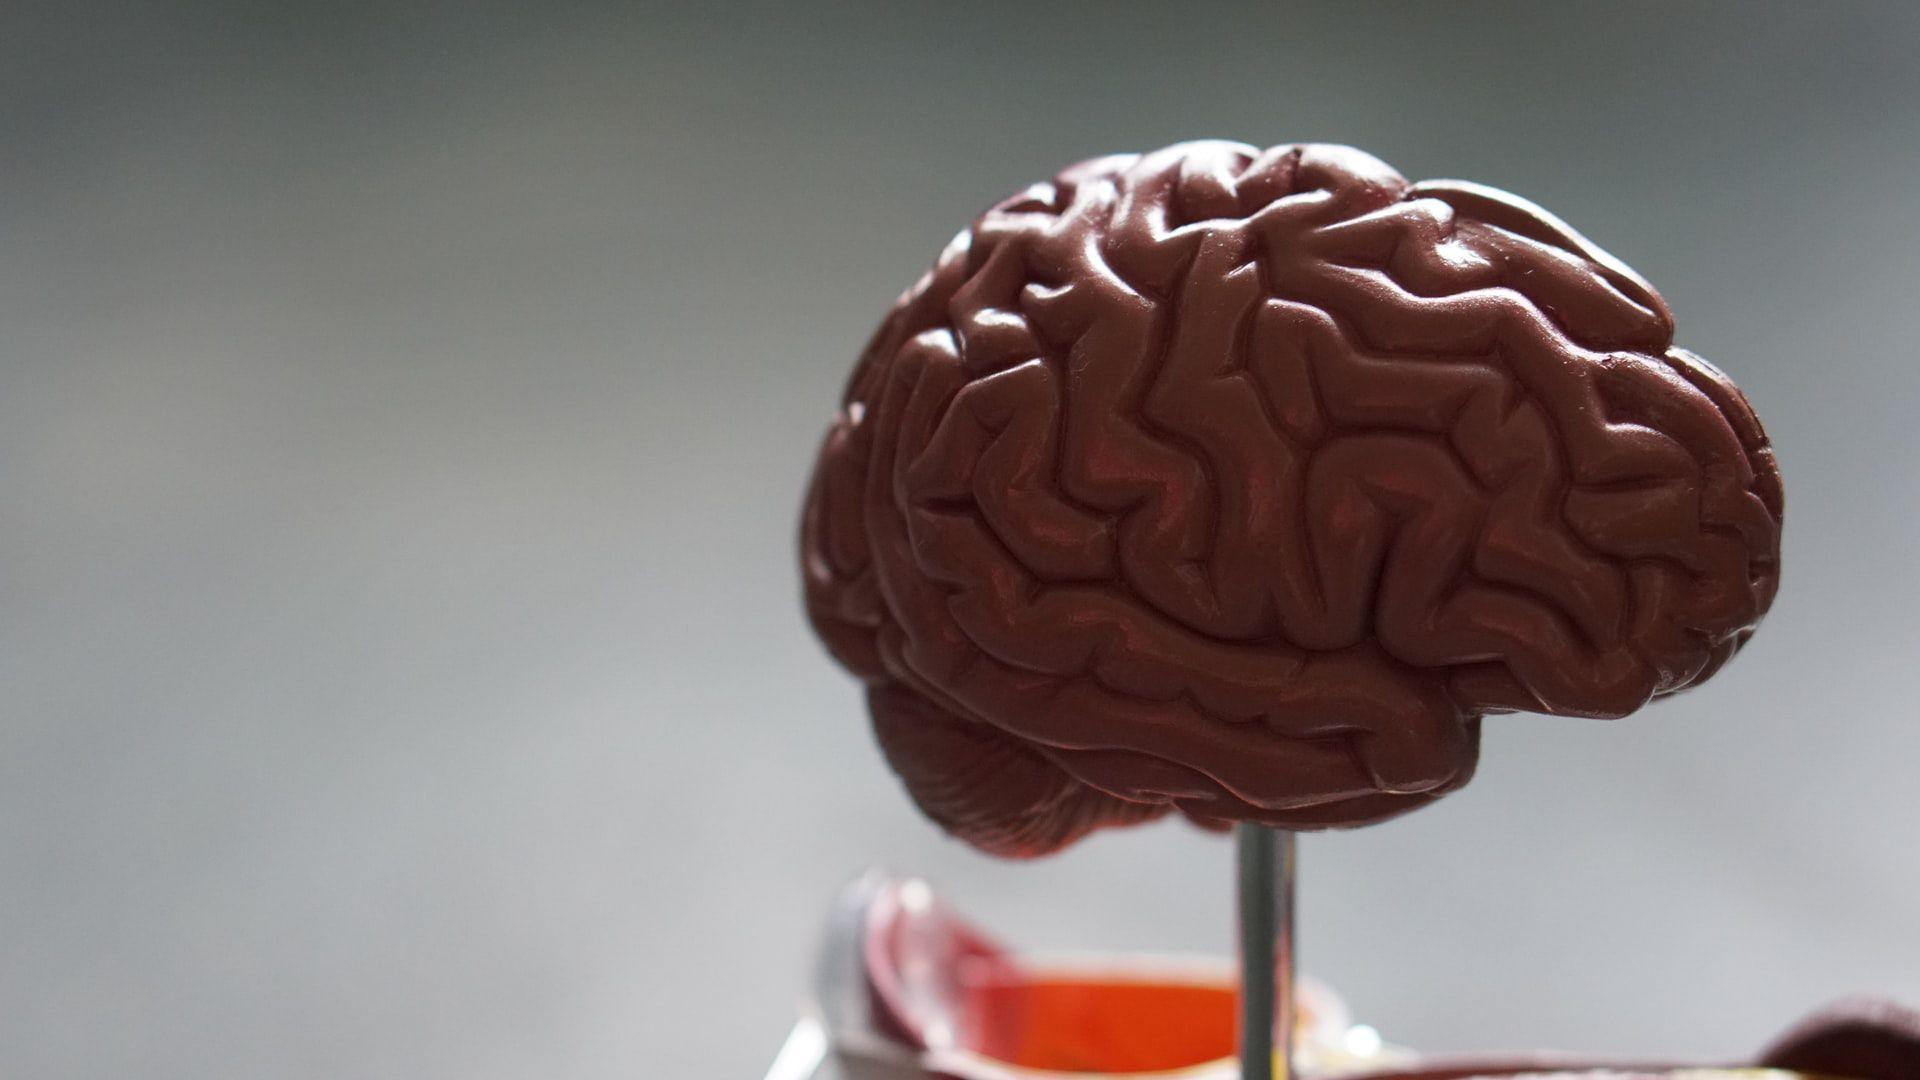 Quanta memoria ha a disposizione un cervello umano?